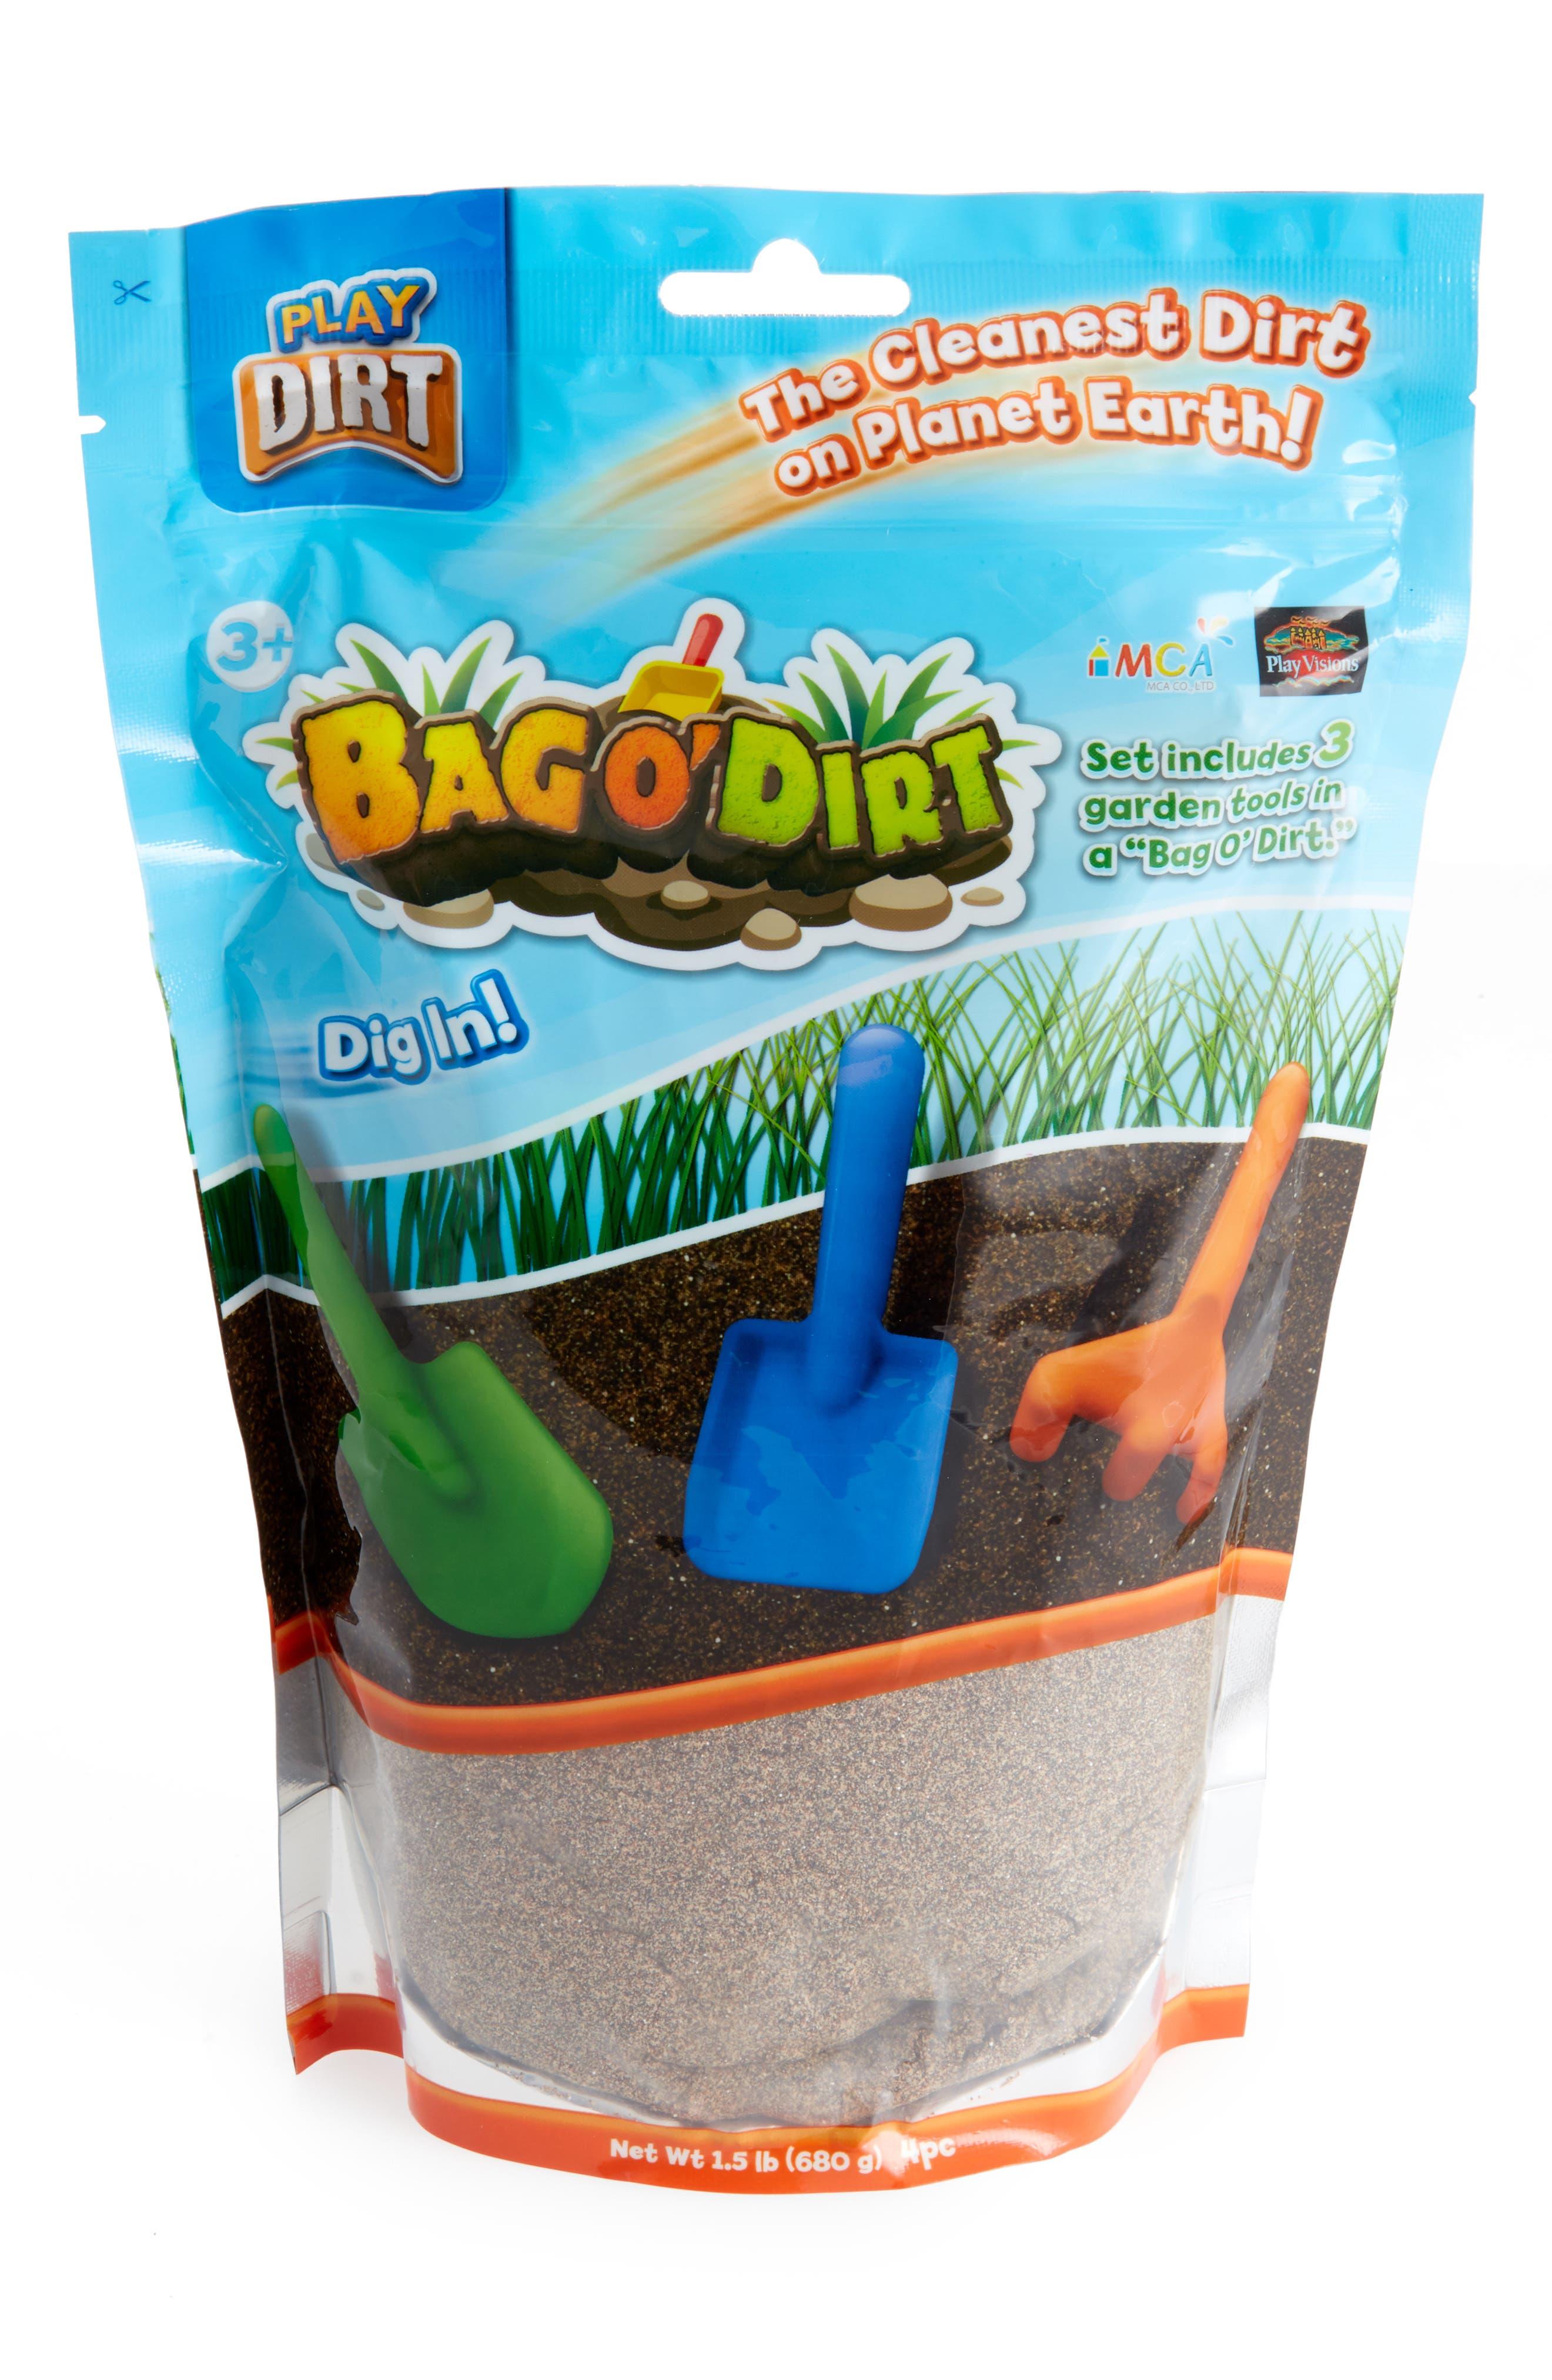 PLAY VISIONS TOYS,                             Bag O' Dirt Play Dirt,                             Main thumbnail 1, color,                             200